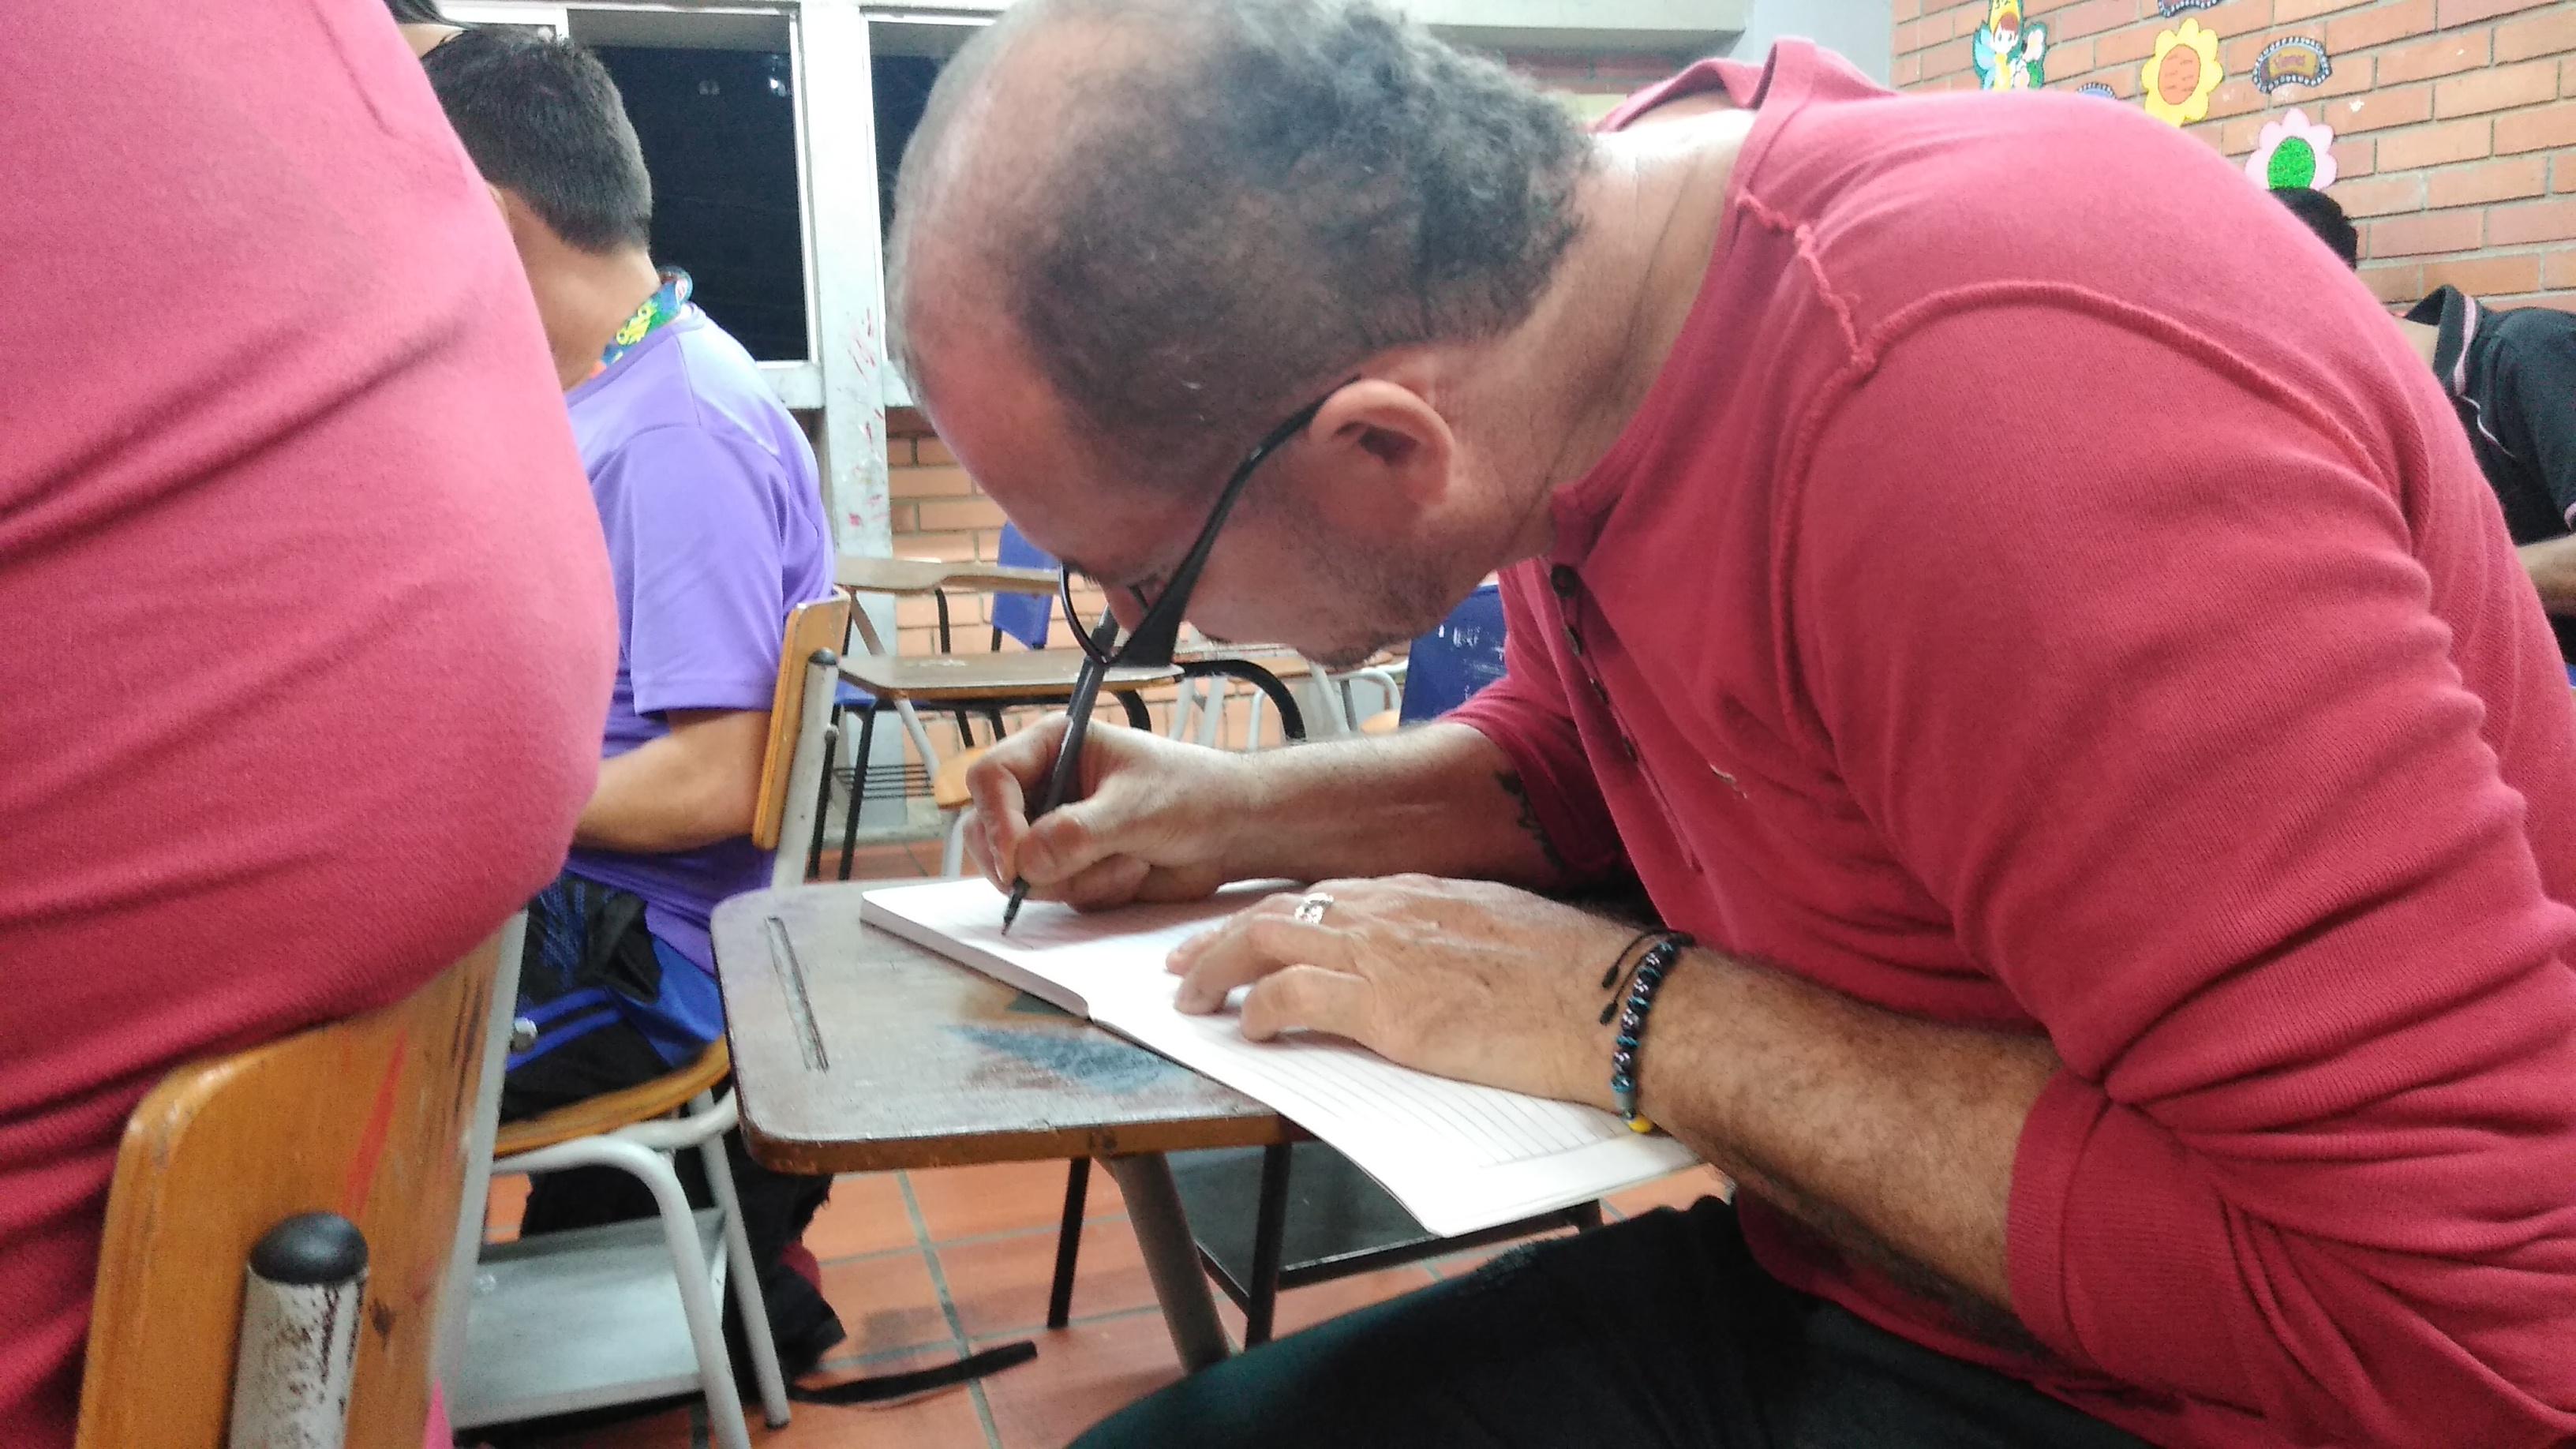 Excombatientes volvieron al colegio tras años de guerra. Cambiaron las armas por cuadernos  | Región | Santander | EL FRENTE